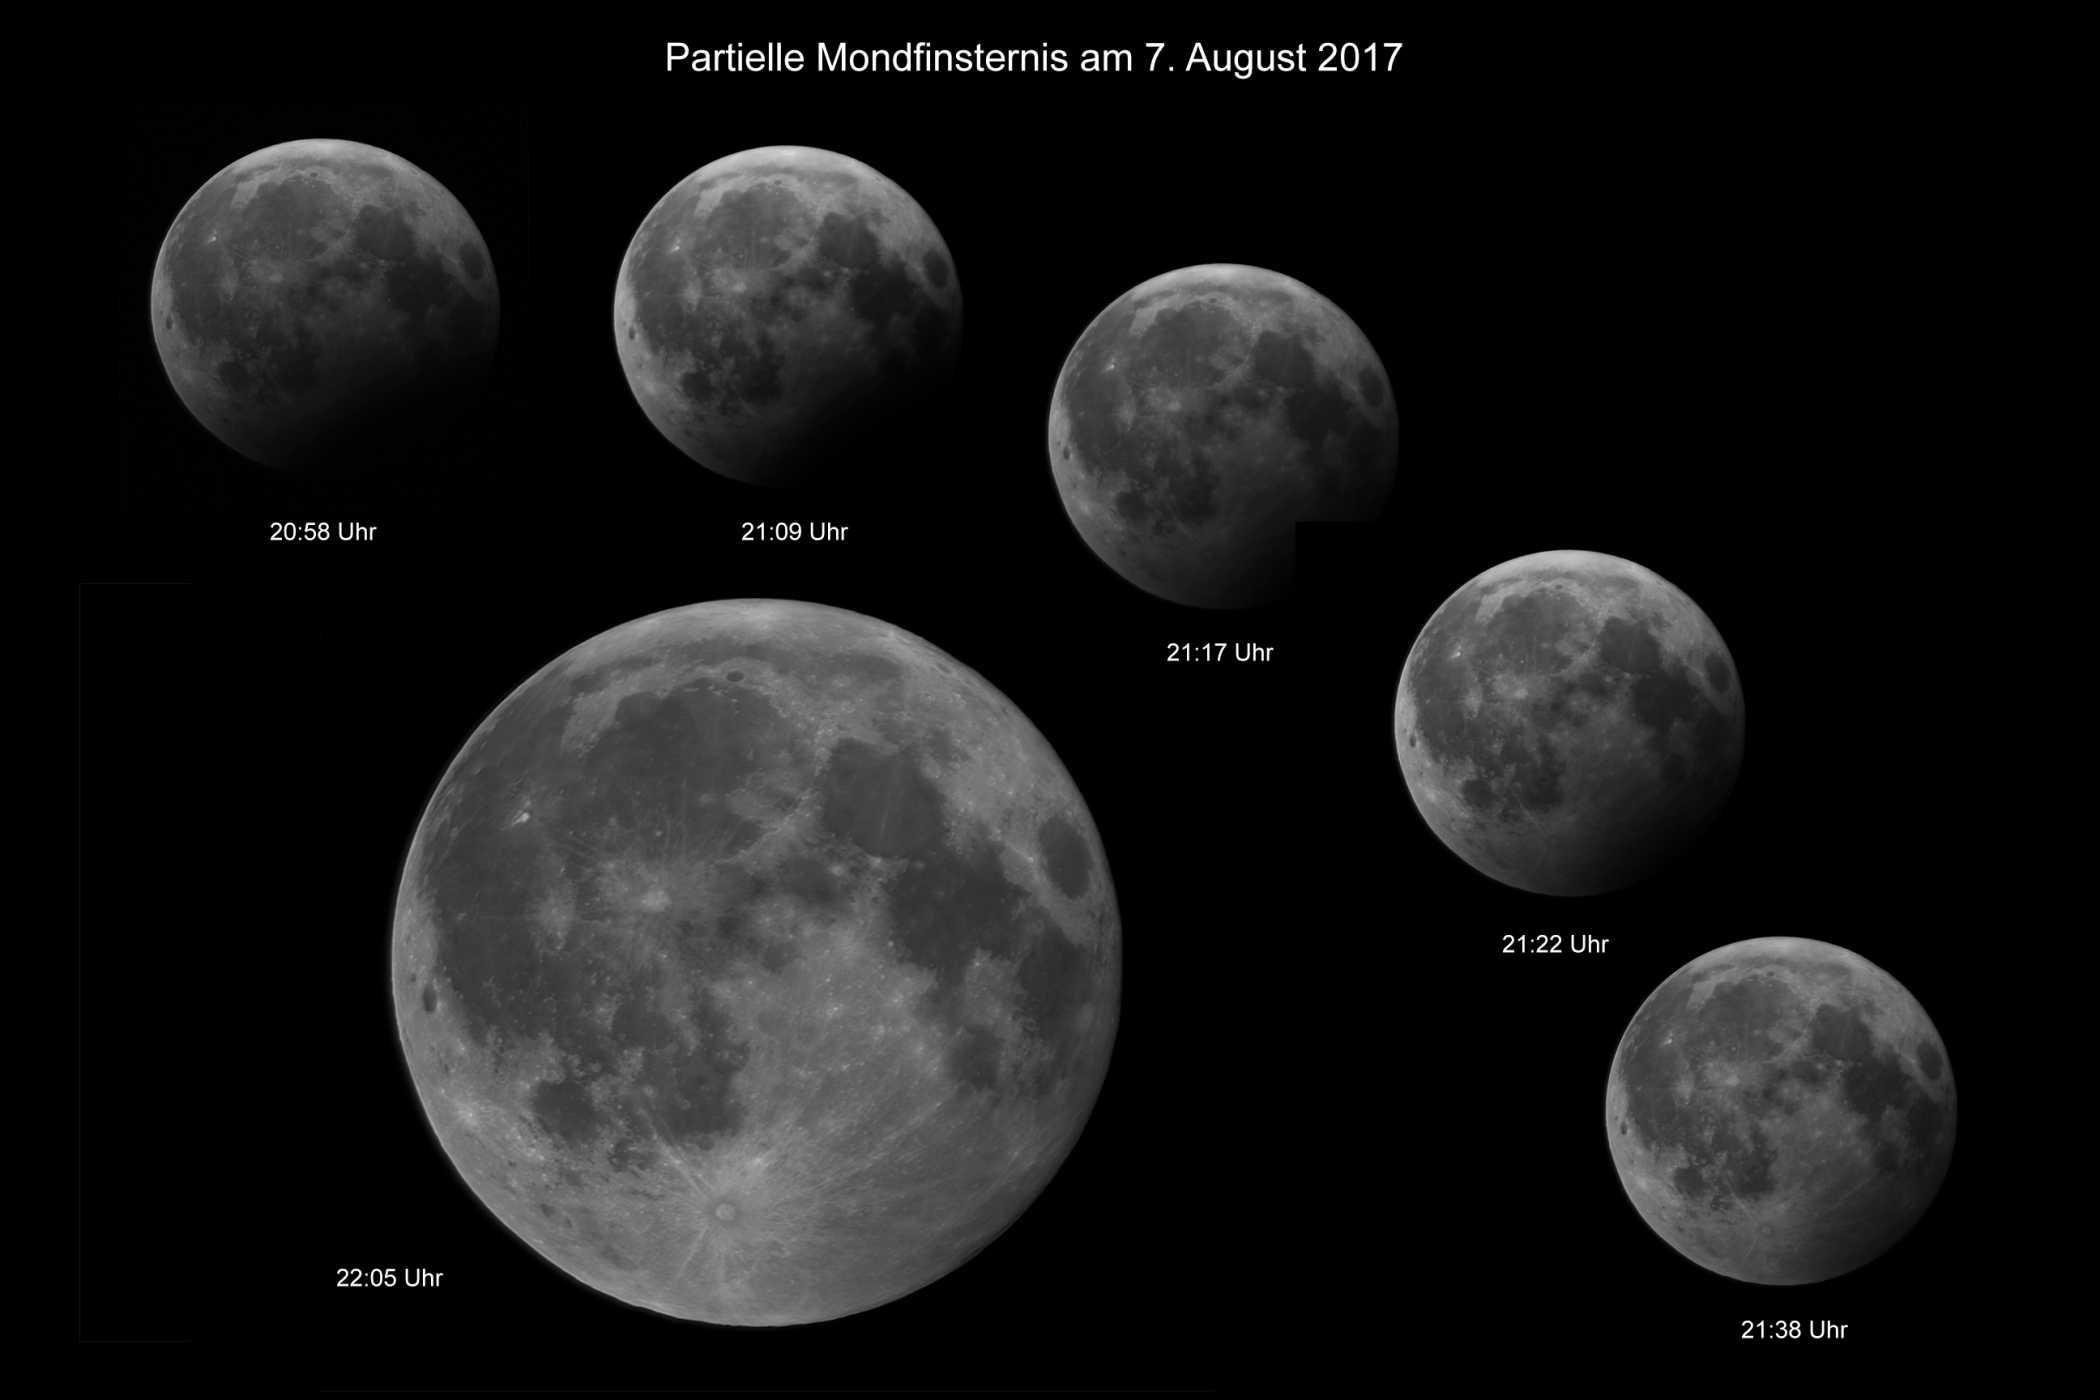 Mondfinsternis_2017_08_07_klein.jpg